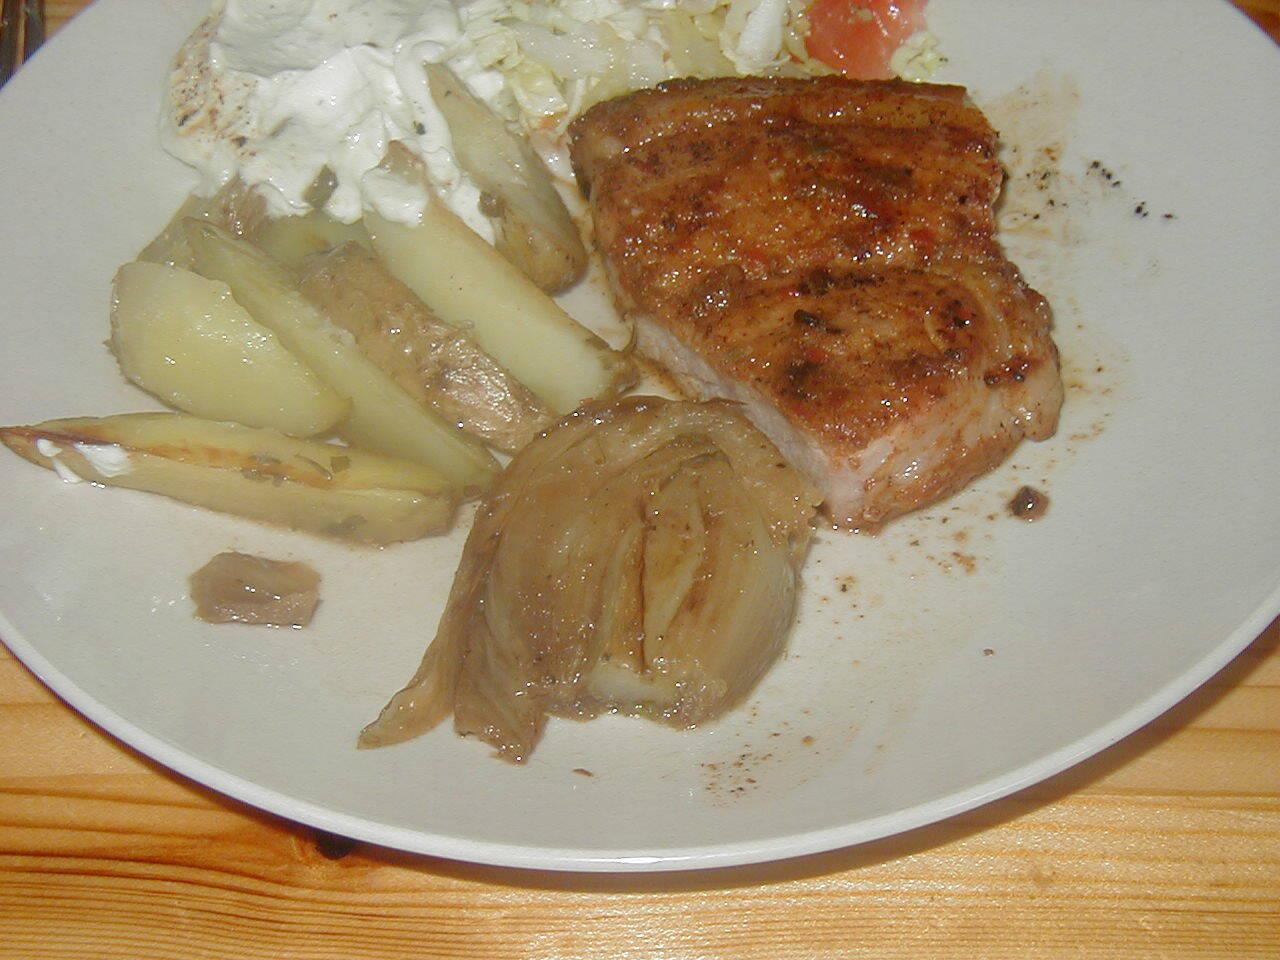 Buljongbrässerad potatis med fänkål